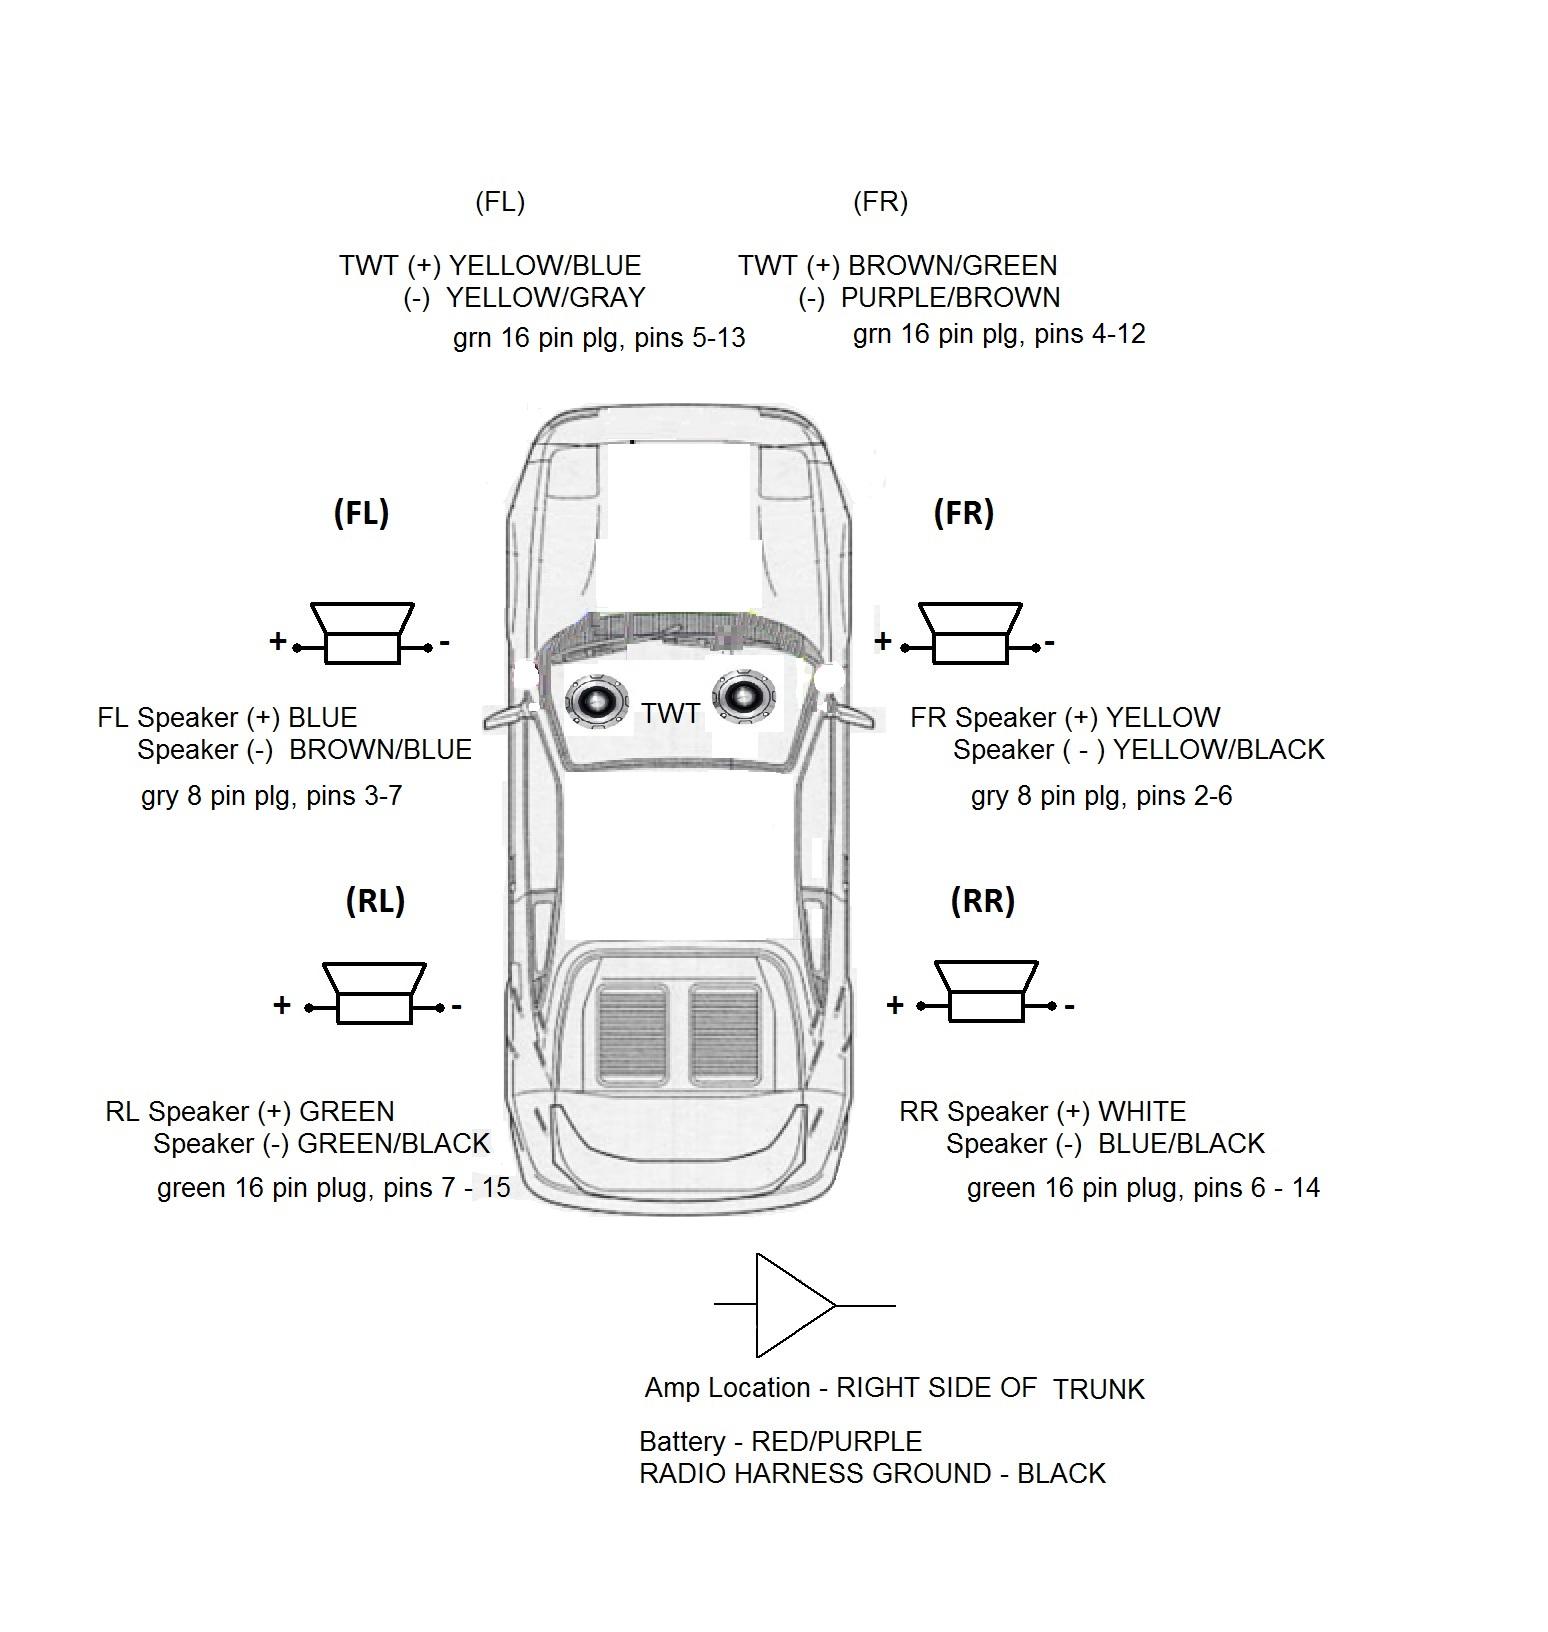 2002 Chevy Impala Fuel Line Diagram moreover 2011 Ford Escape Fuse Box moreover 2003 Chevy Impala Wiring Diagram further 2015 Chevy Impala Radio Wiring Diagram further 2000 Chevy Impala Wiring Diagram. on witch wiring diagram 2002 chevy impala traction control